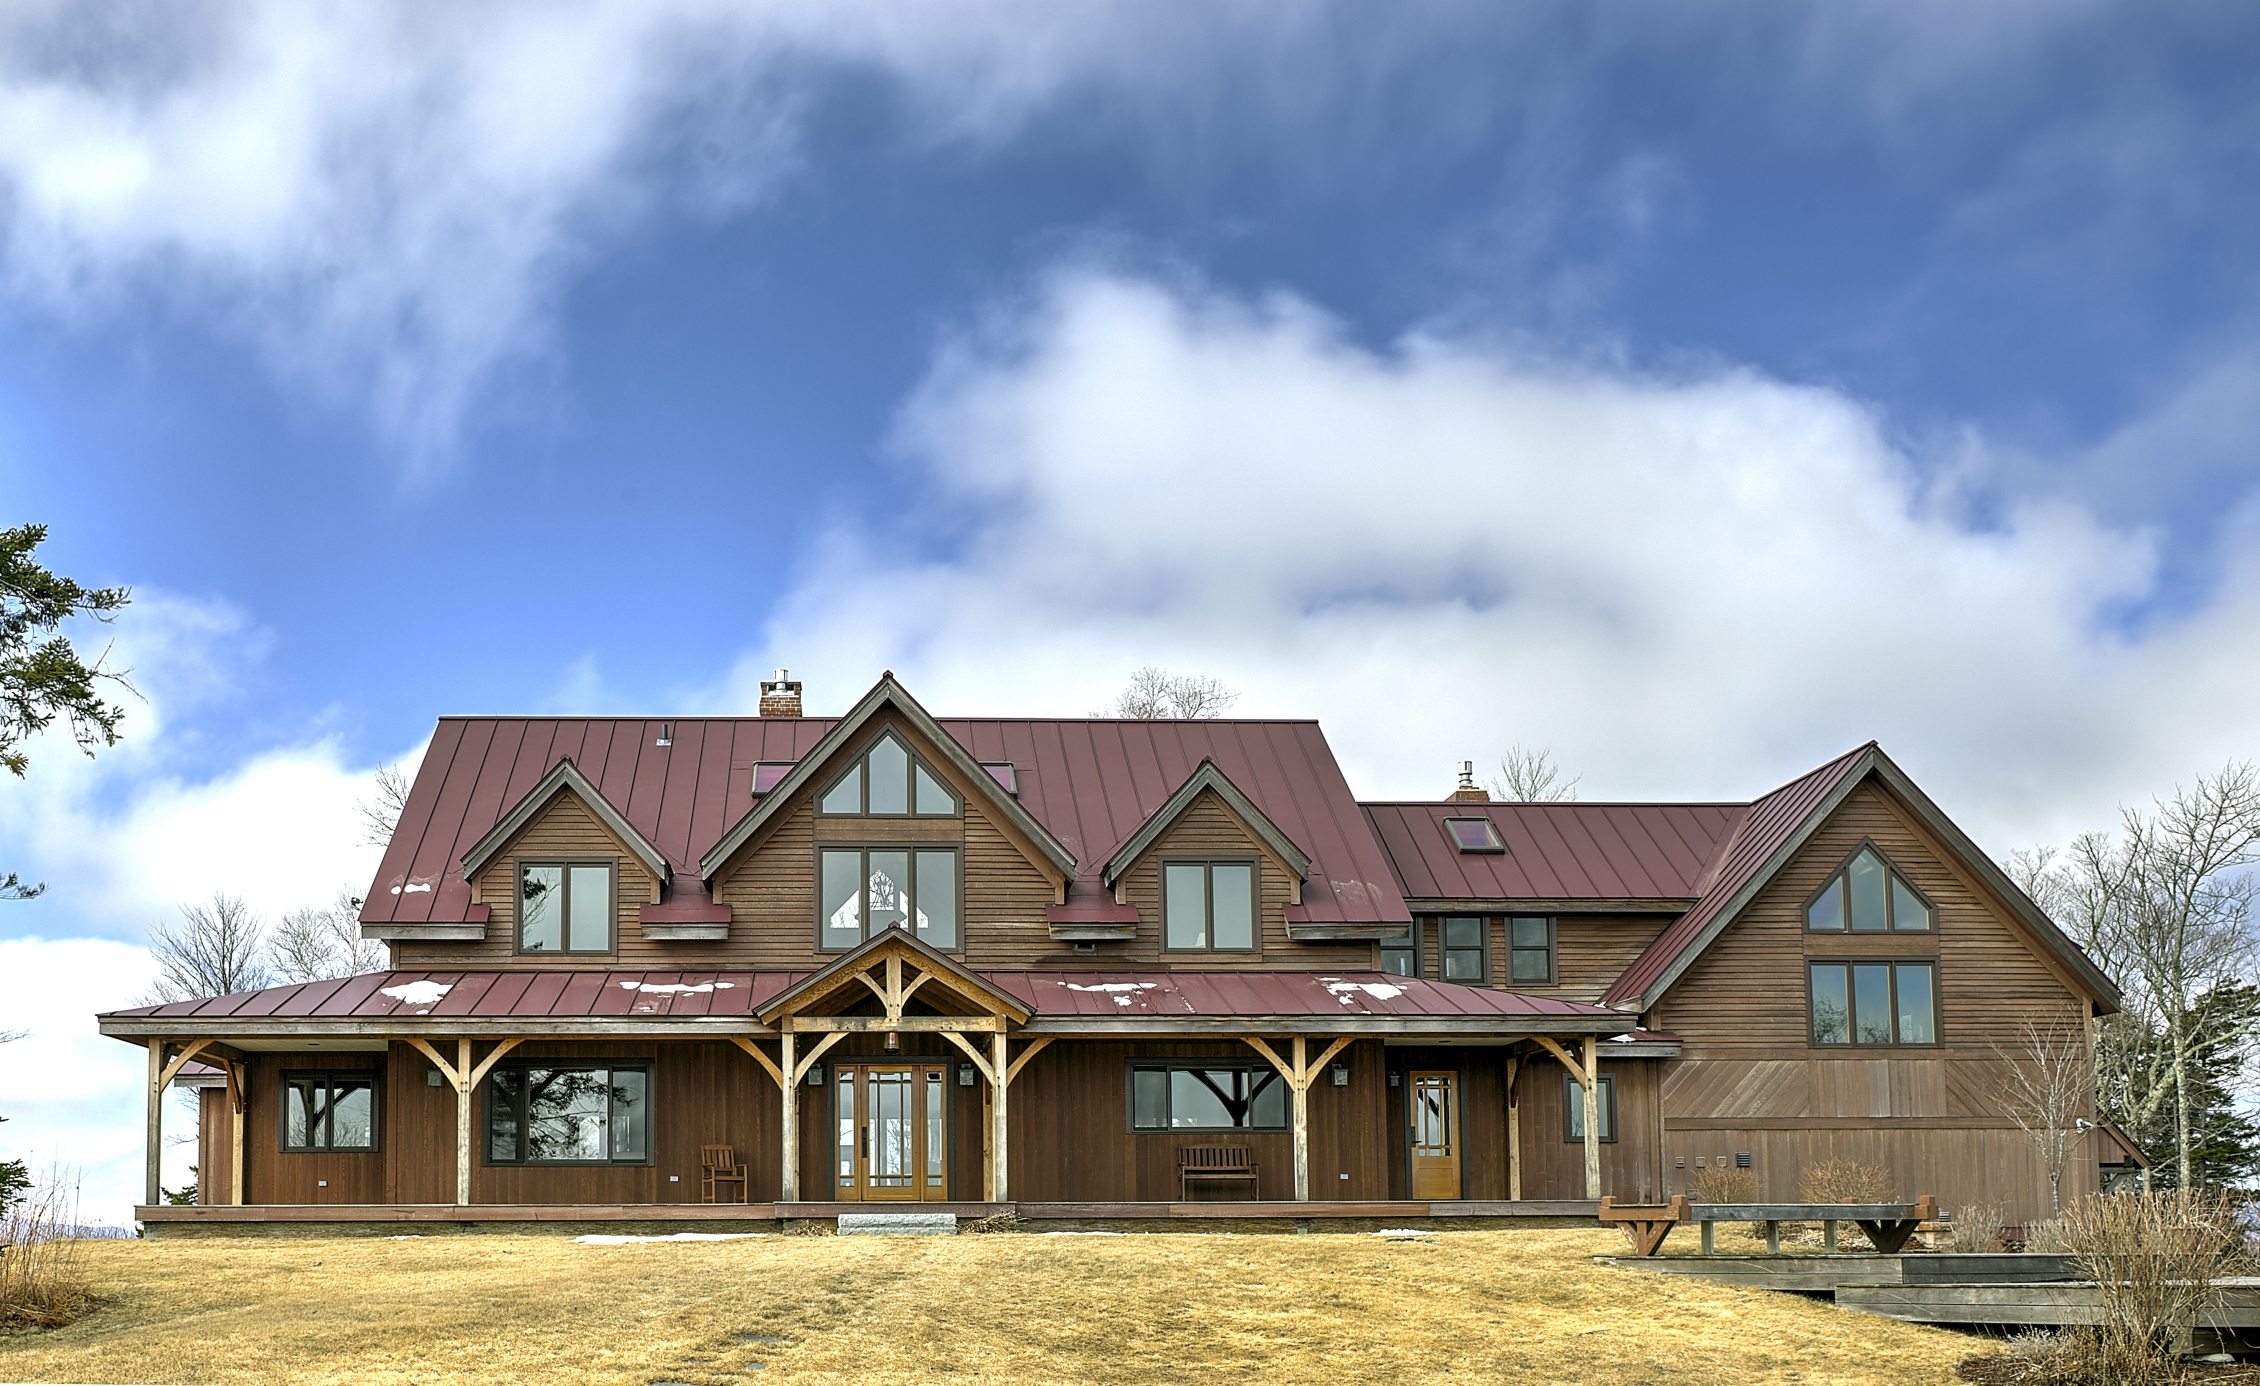 Maison unifamiliale pour l Vente à 811 Old Mt. Hunger Road, Barnard 811 Old Mt. Hunger Rd Barnard, Vermont, 05031 États-Unis